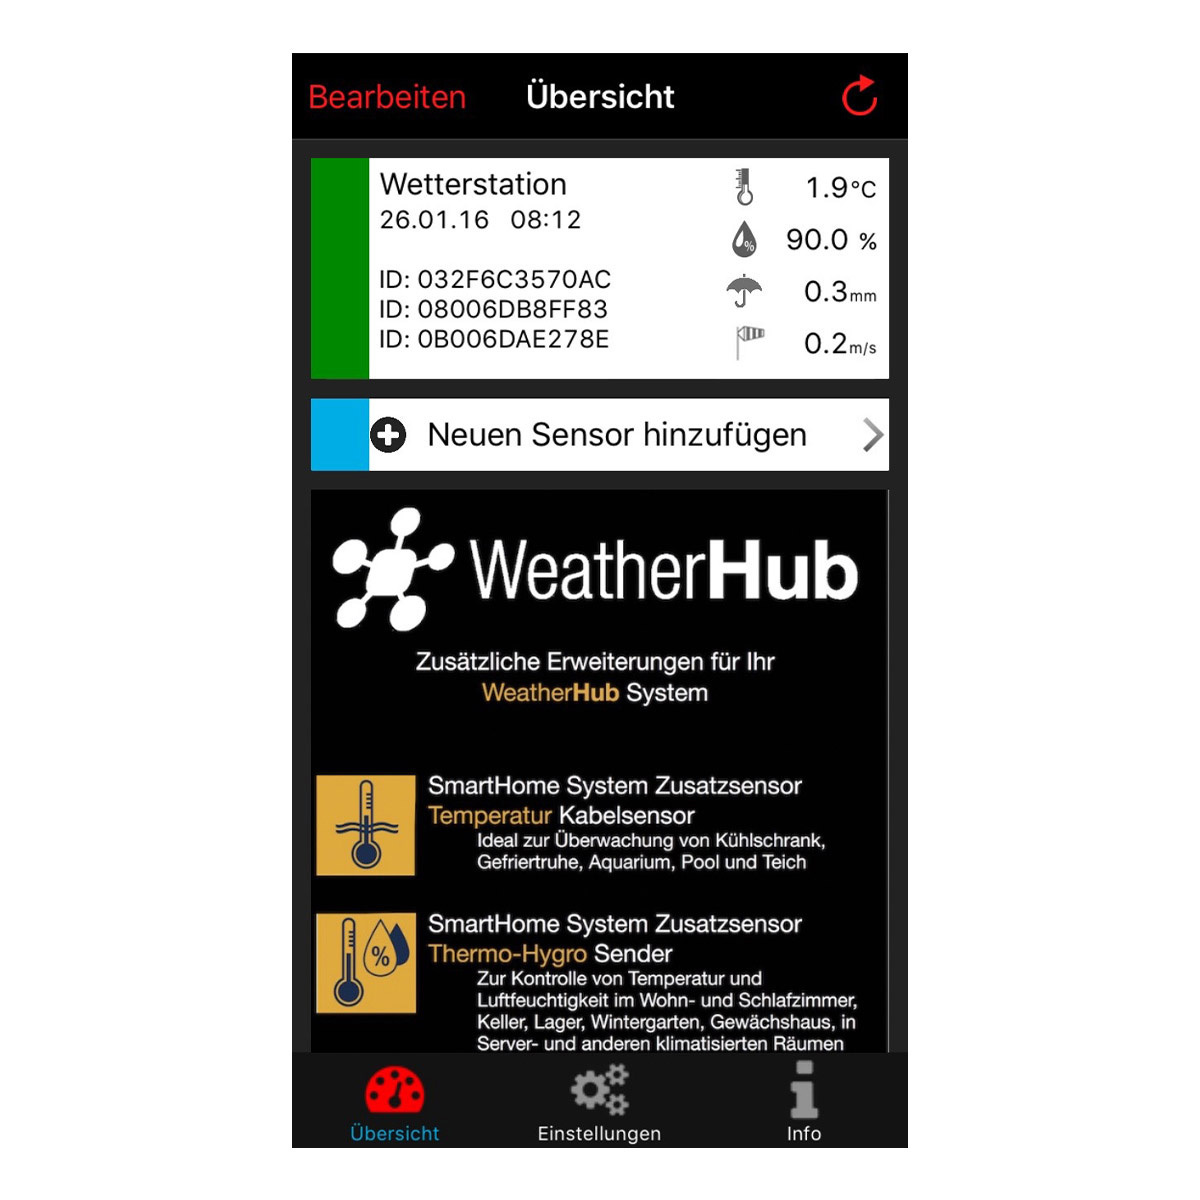 31-4005-02-wetterstation-set-mit-klima-regen-windsender-weatherhub-app-anwendung-1200x1200px.jpg